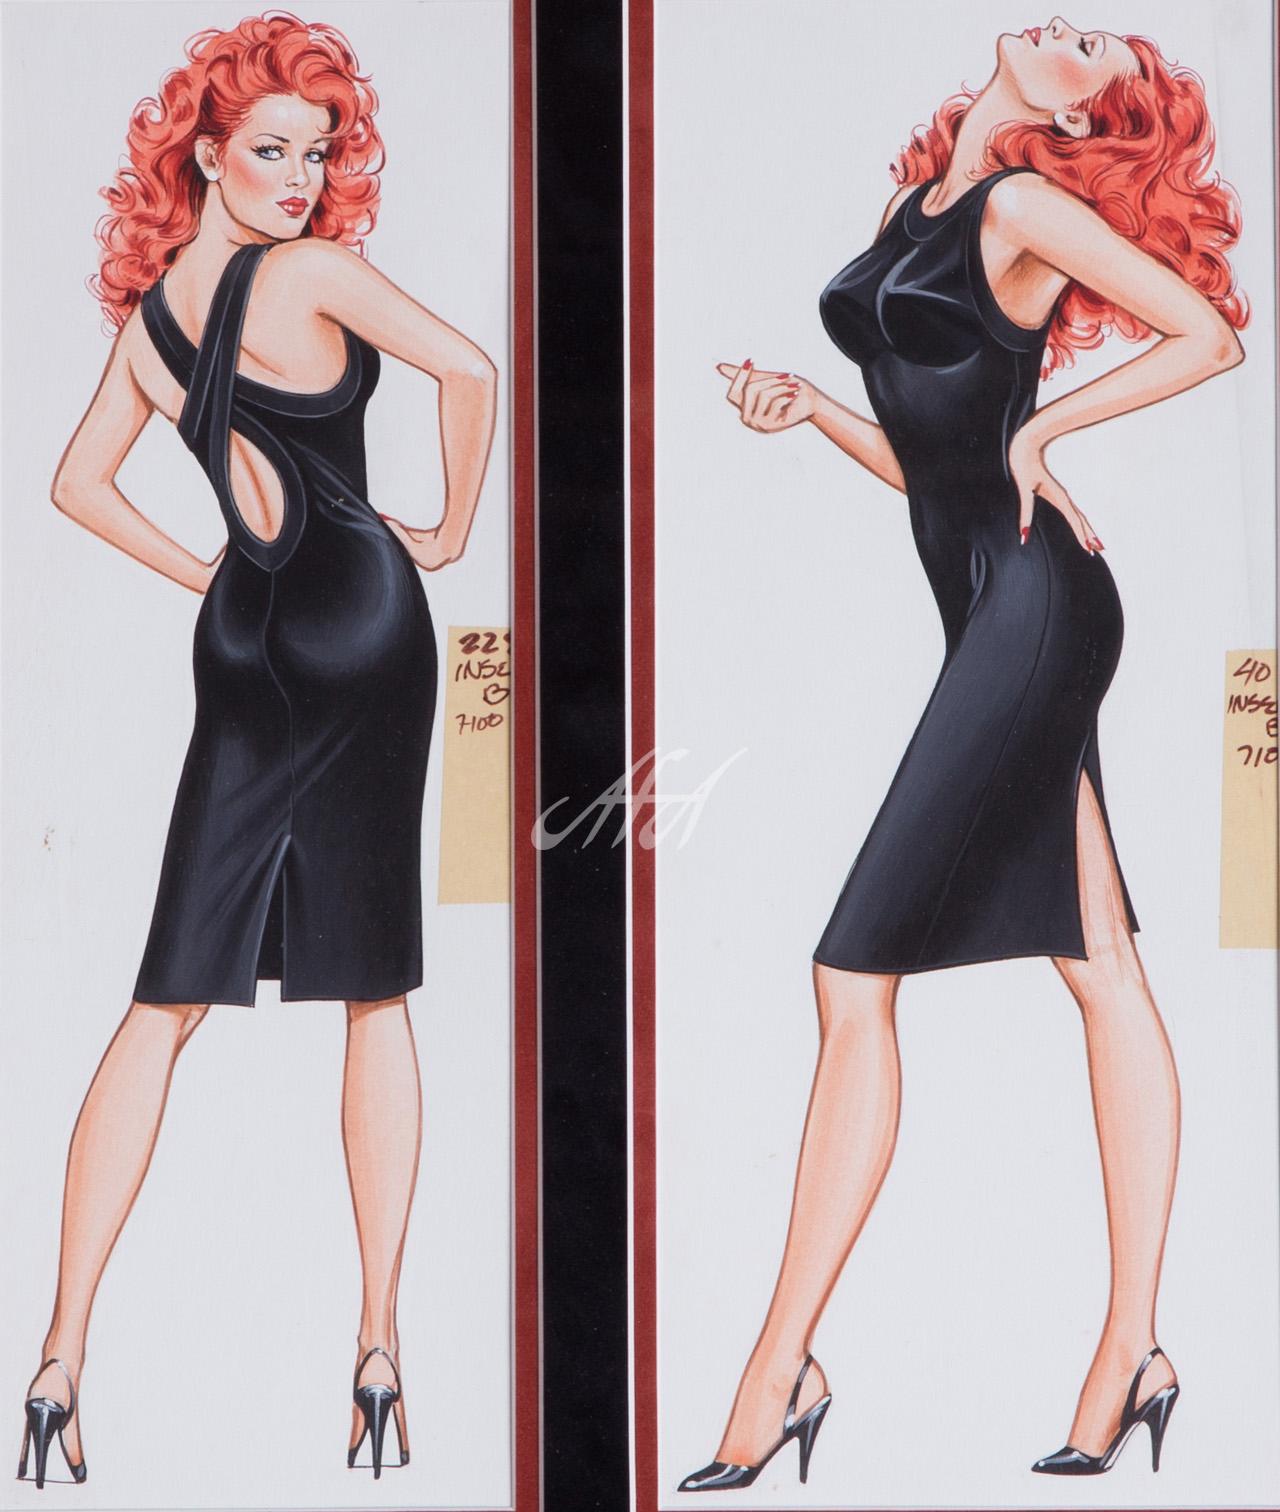 HCFM_Mellinger_bd4503_bd4505_blackdress_framed LoRes watermark.jpg